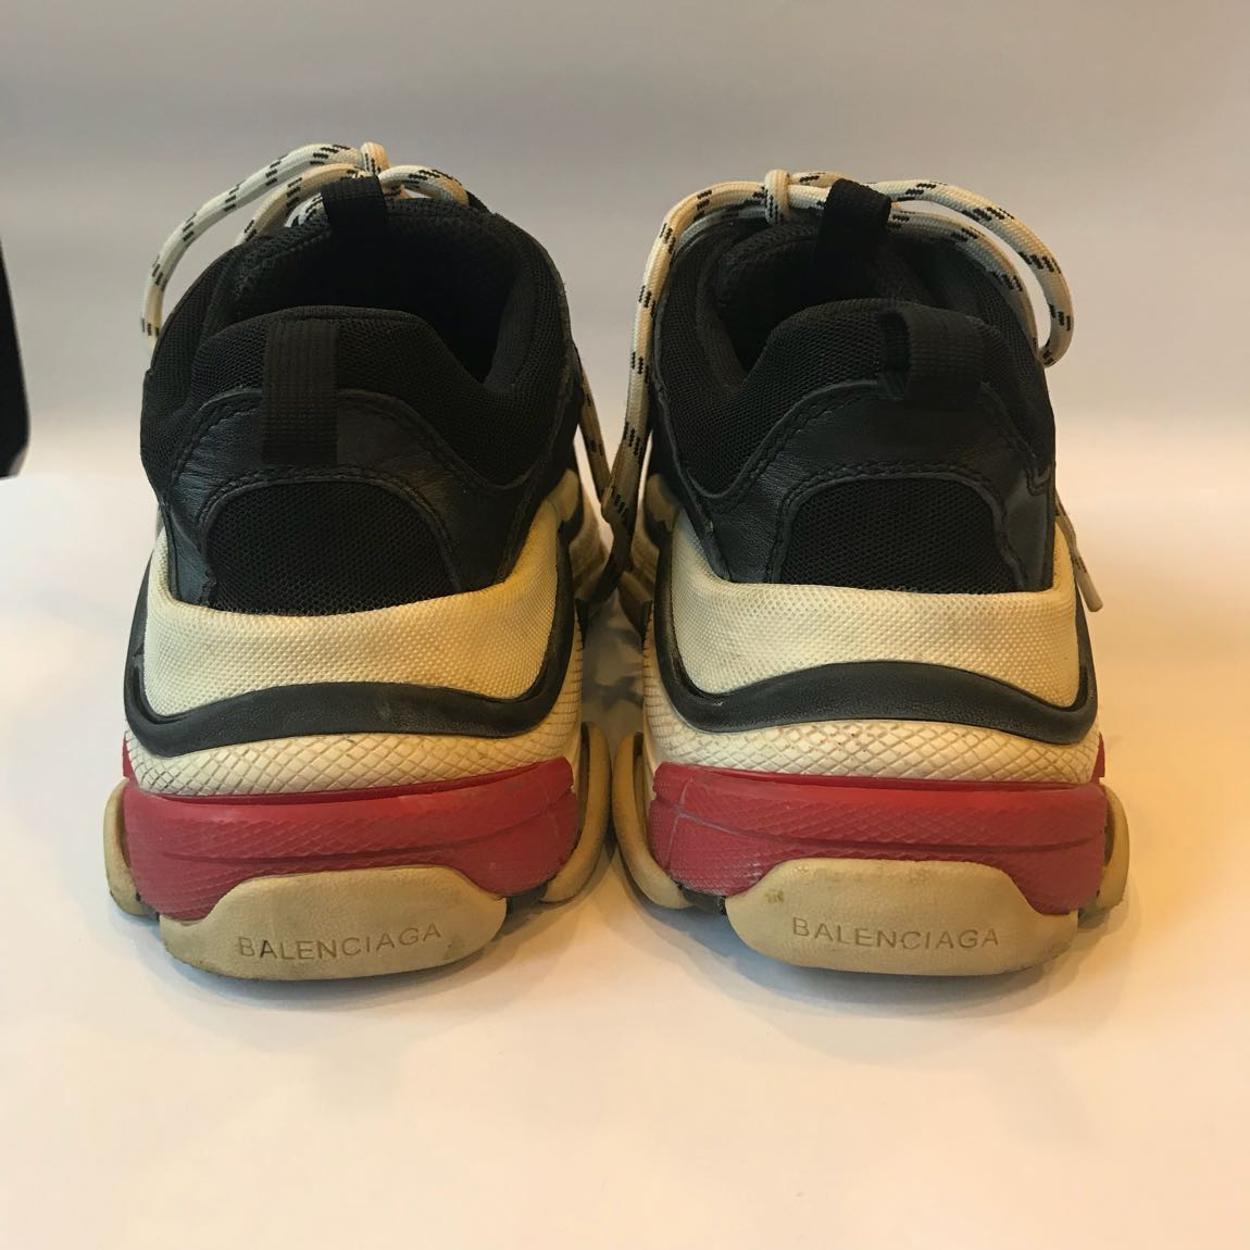 Balenciaga Spor ayakkabı